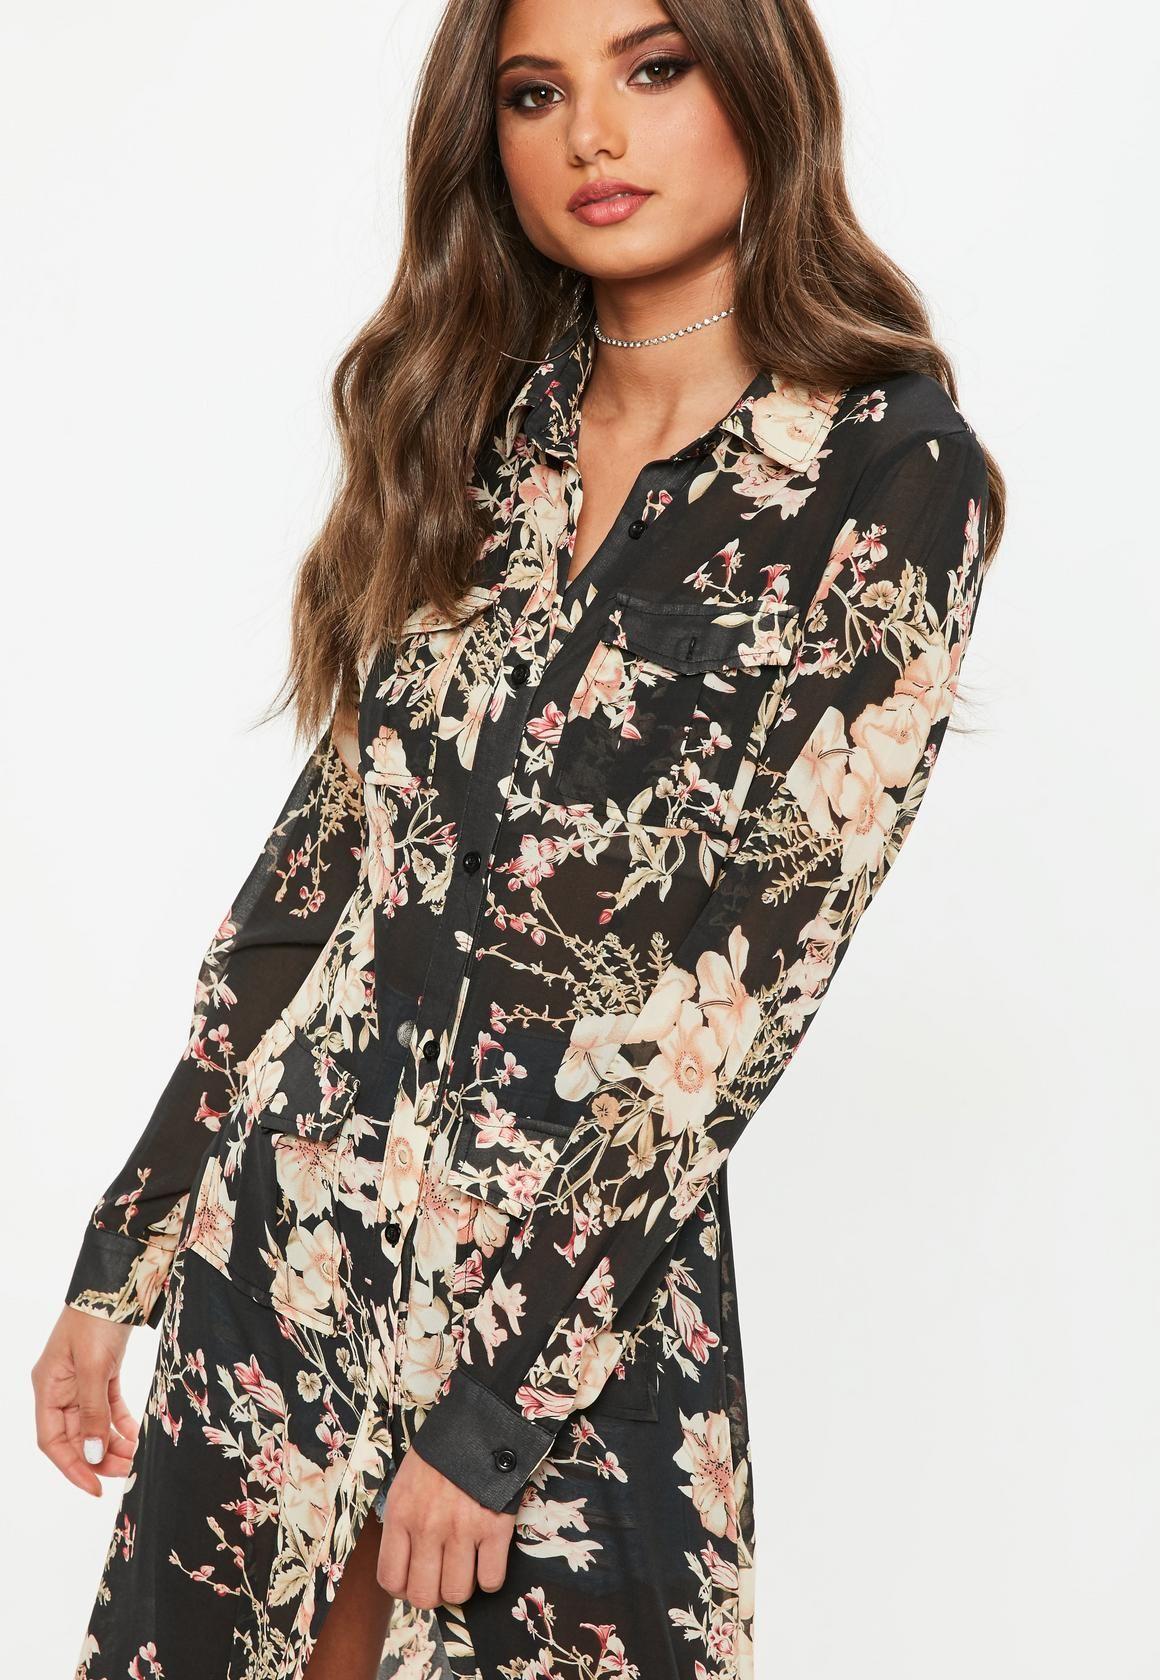 Vestido camisero largo negro flores